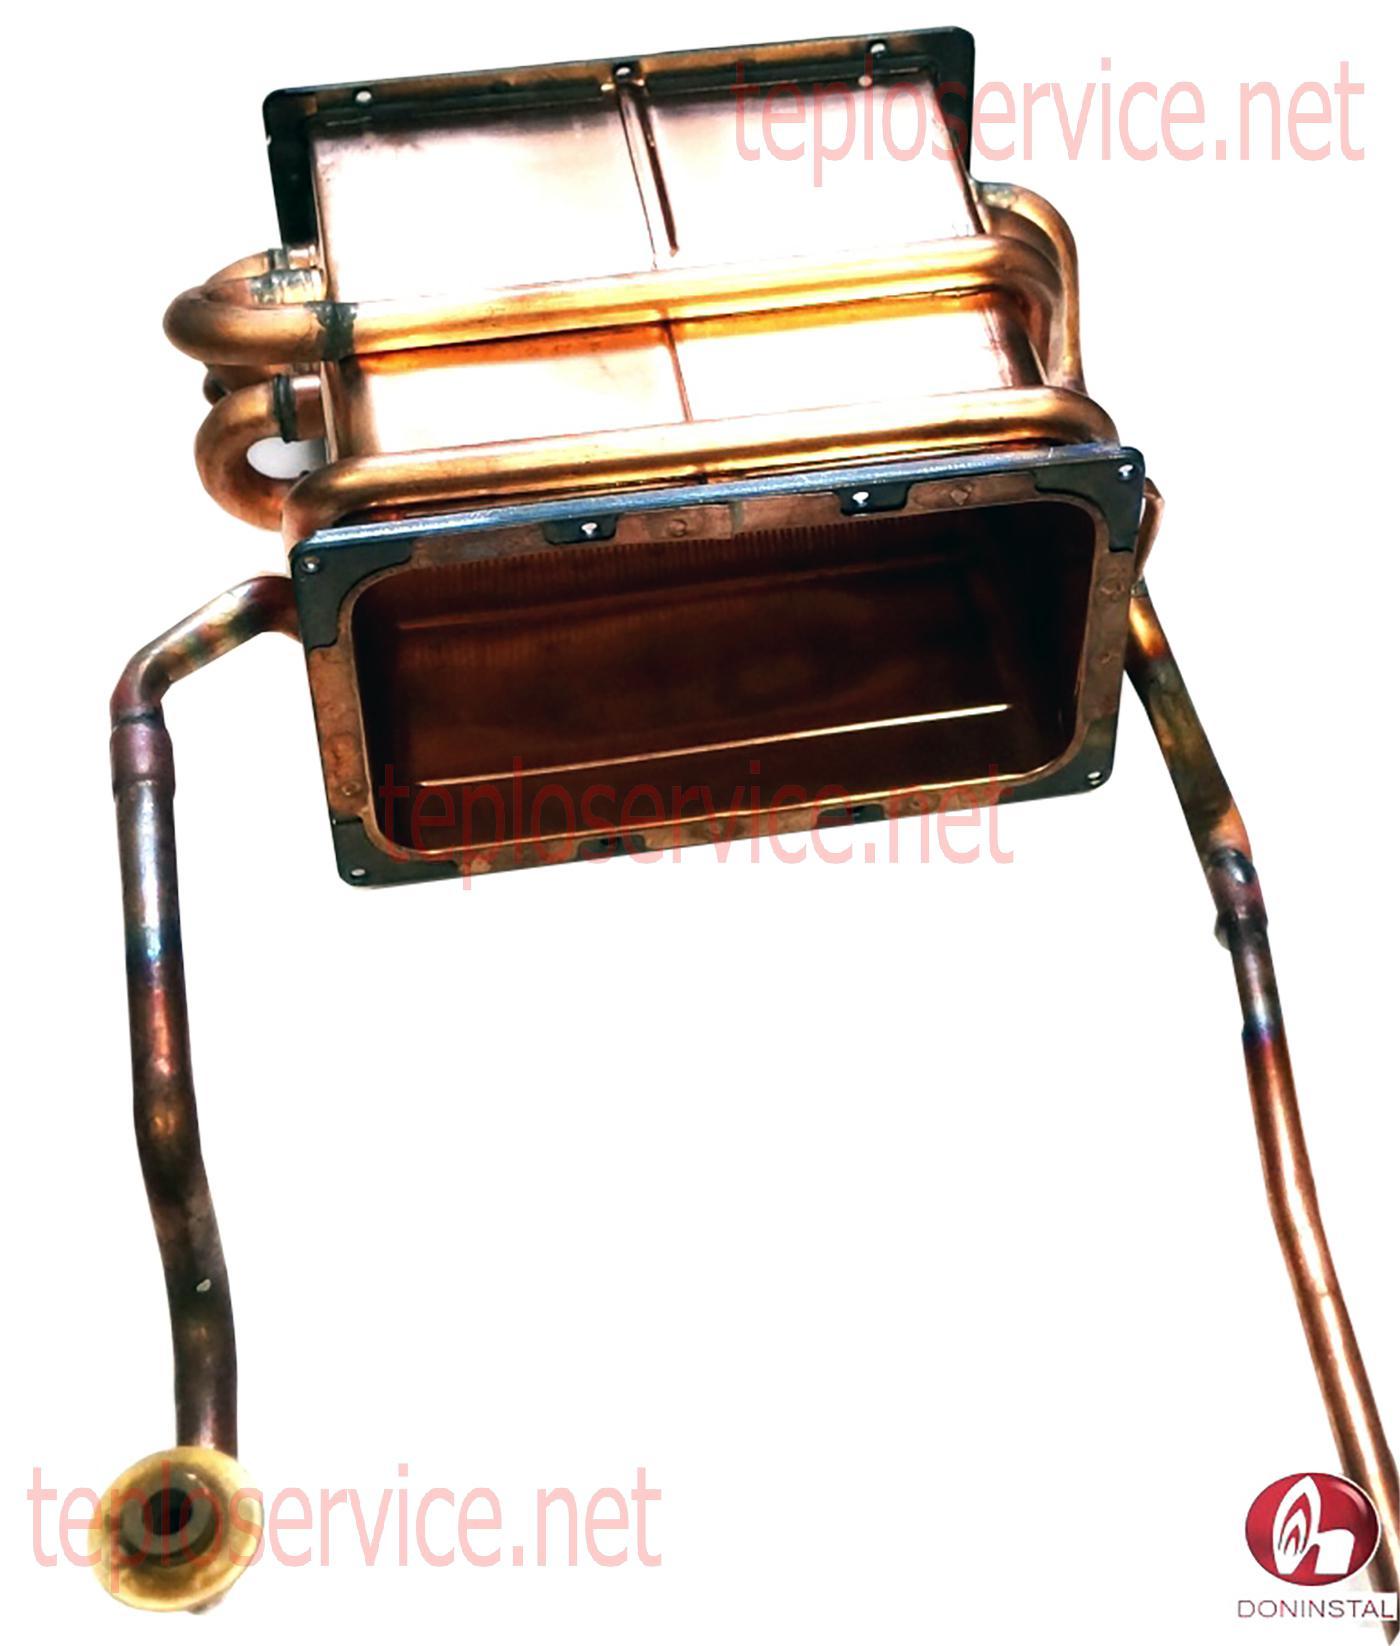 Теплообменник на газовую колонку аристон купить Пластинчатый теплообменник Tranter GC-026 N Шадринск